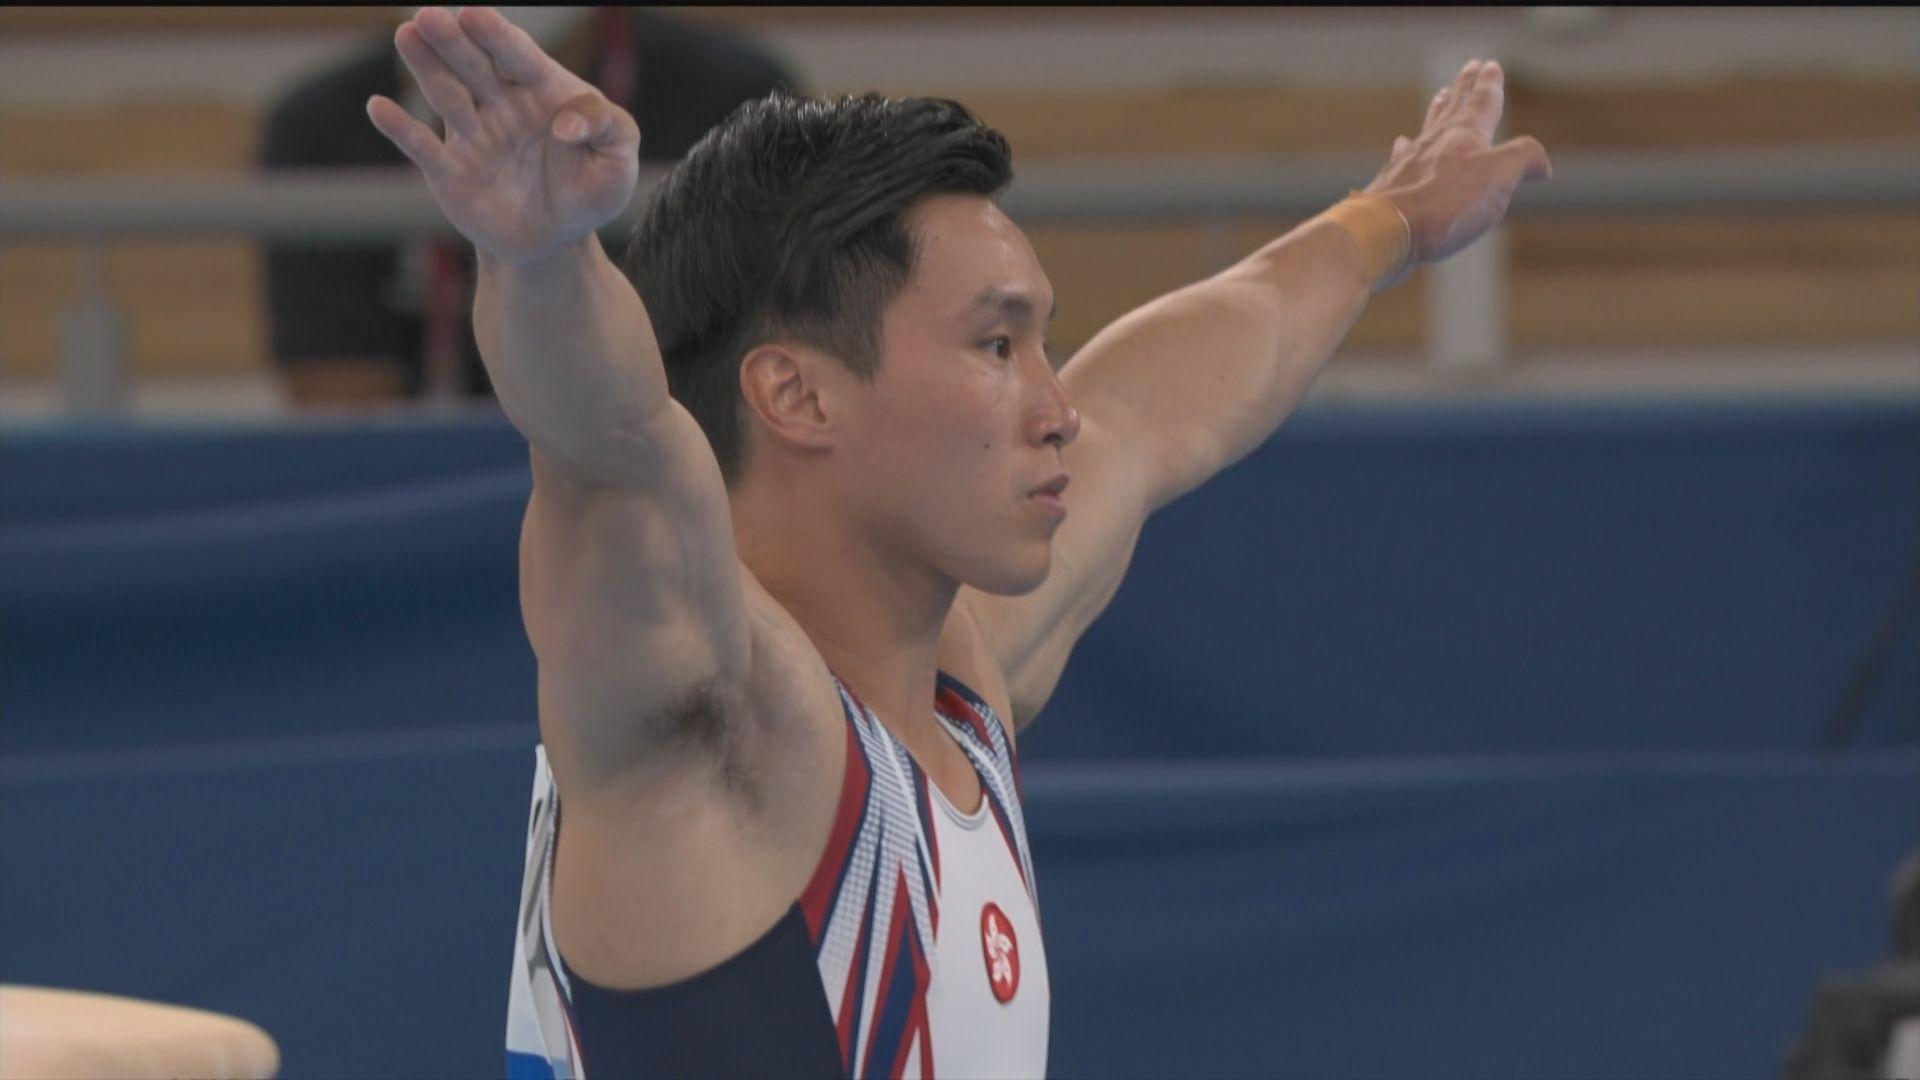 【東京奧運】男子跳馬預賽 石偉雄失利未能晉級